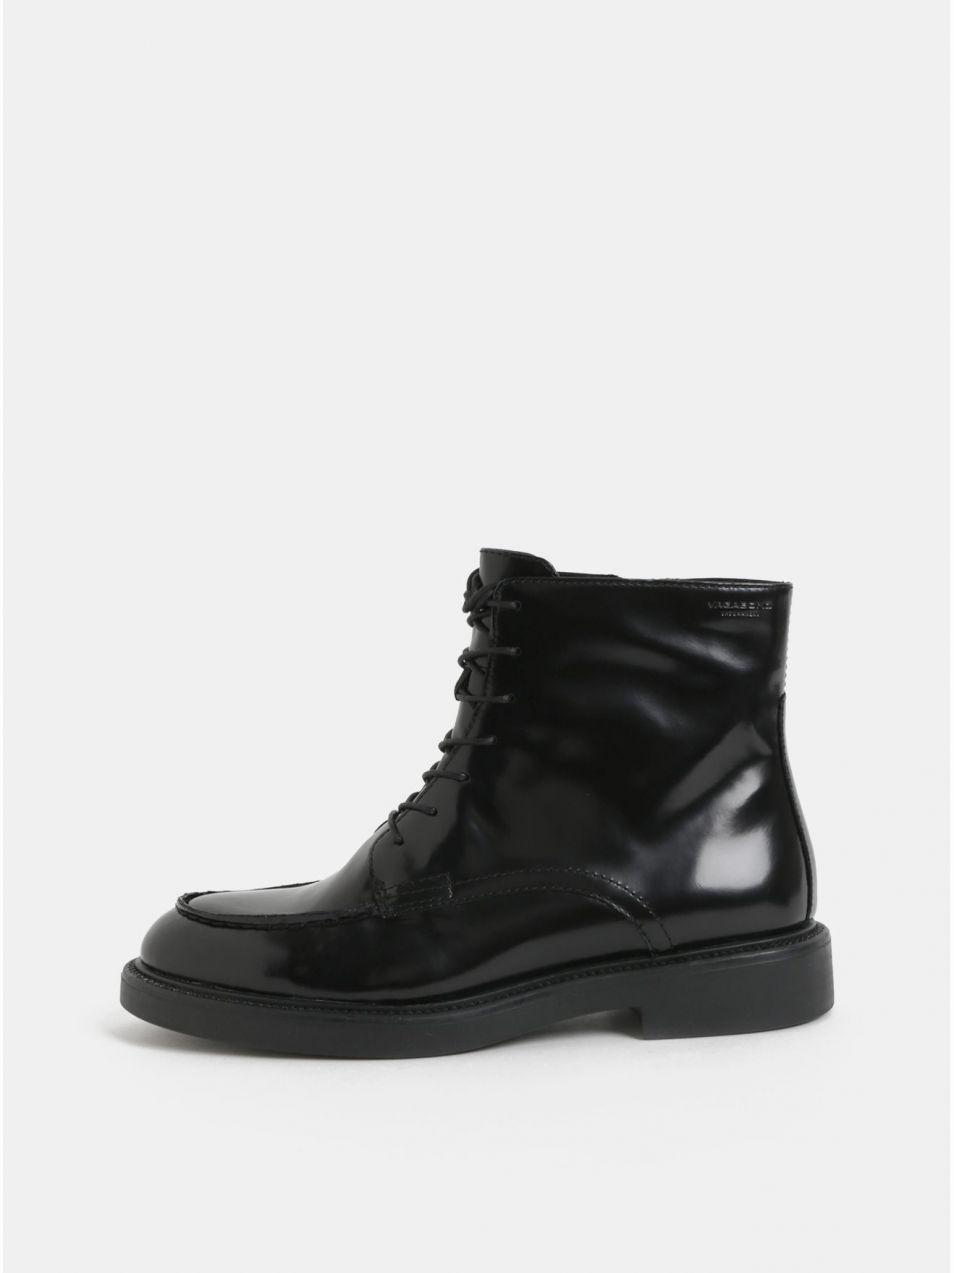 a91ddd326aee Čierne dámske kožené členkové topánky so šnurovaním Vagabond Alex značky  Vagabond - Lovely.sk